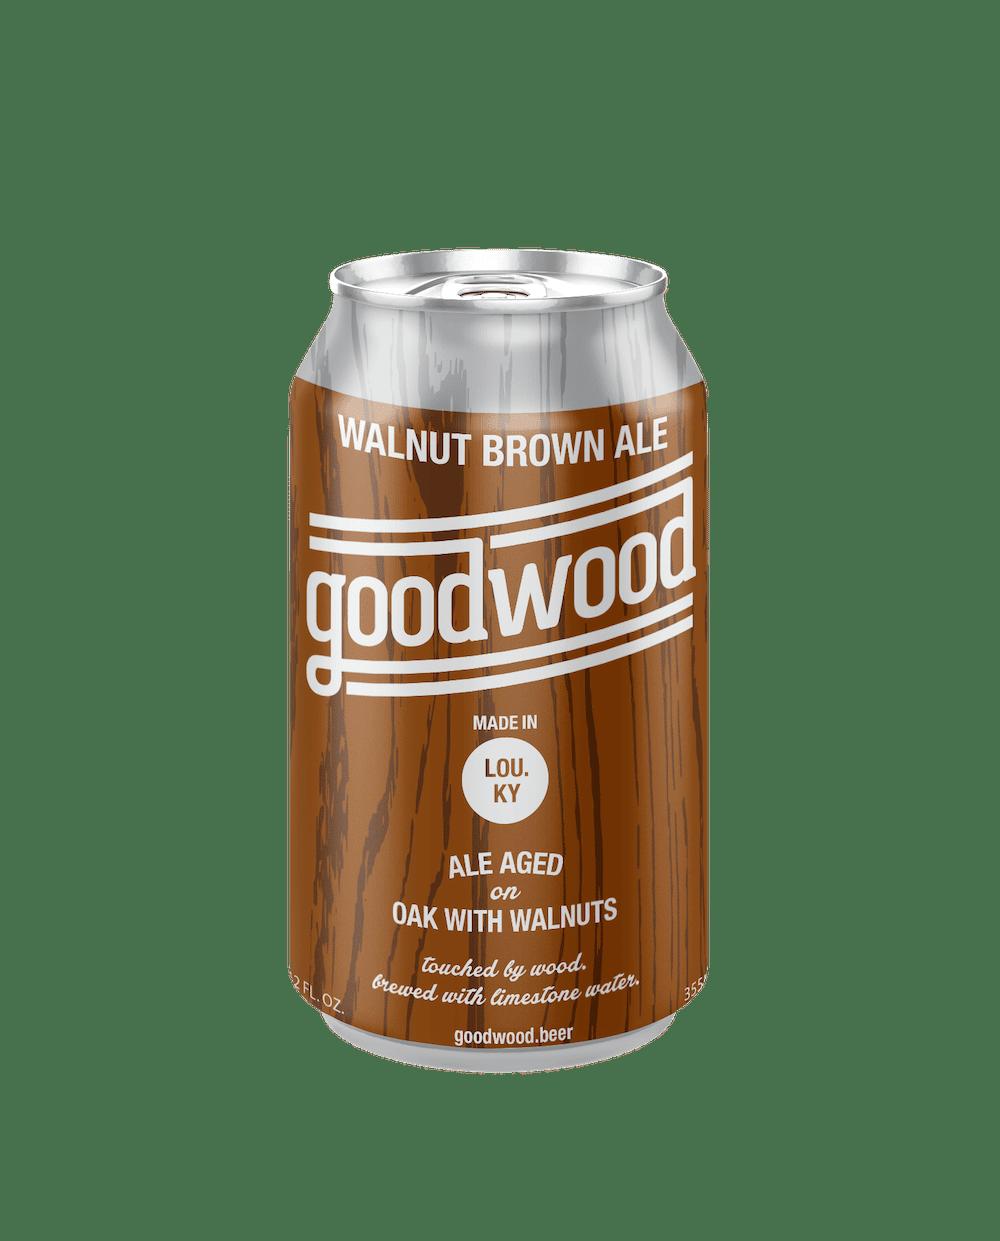 Good Wood Walnut Brown